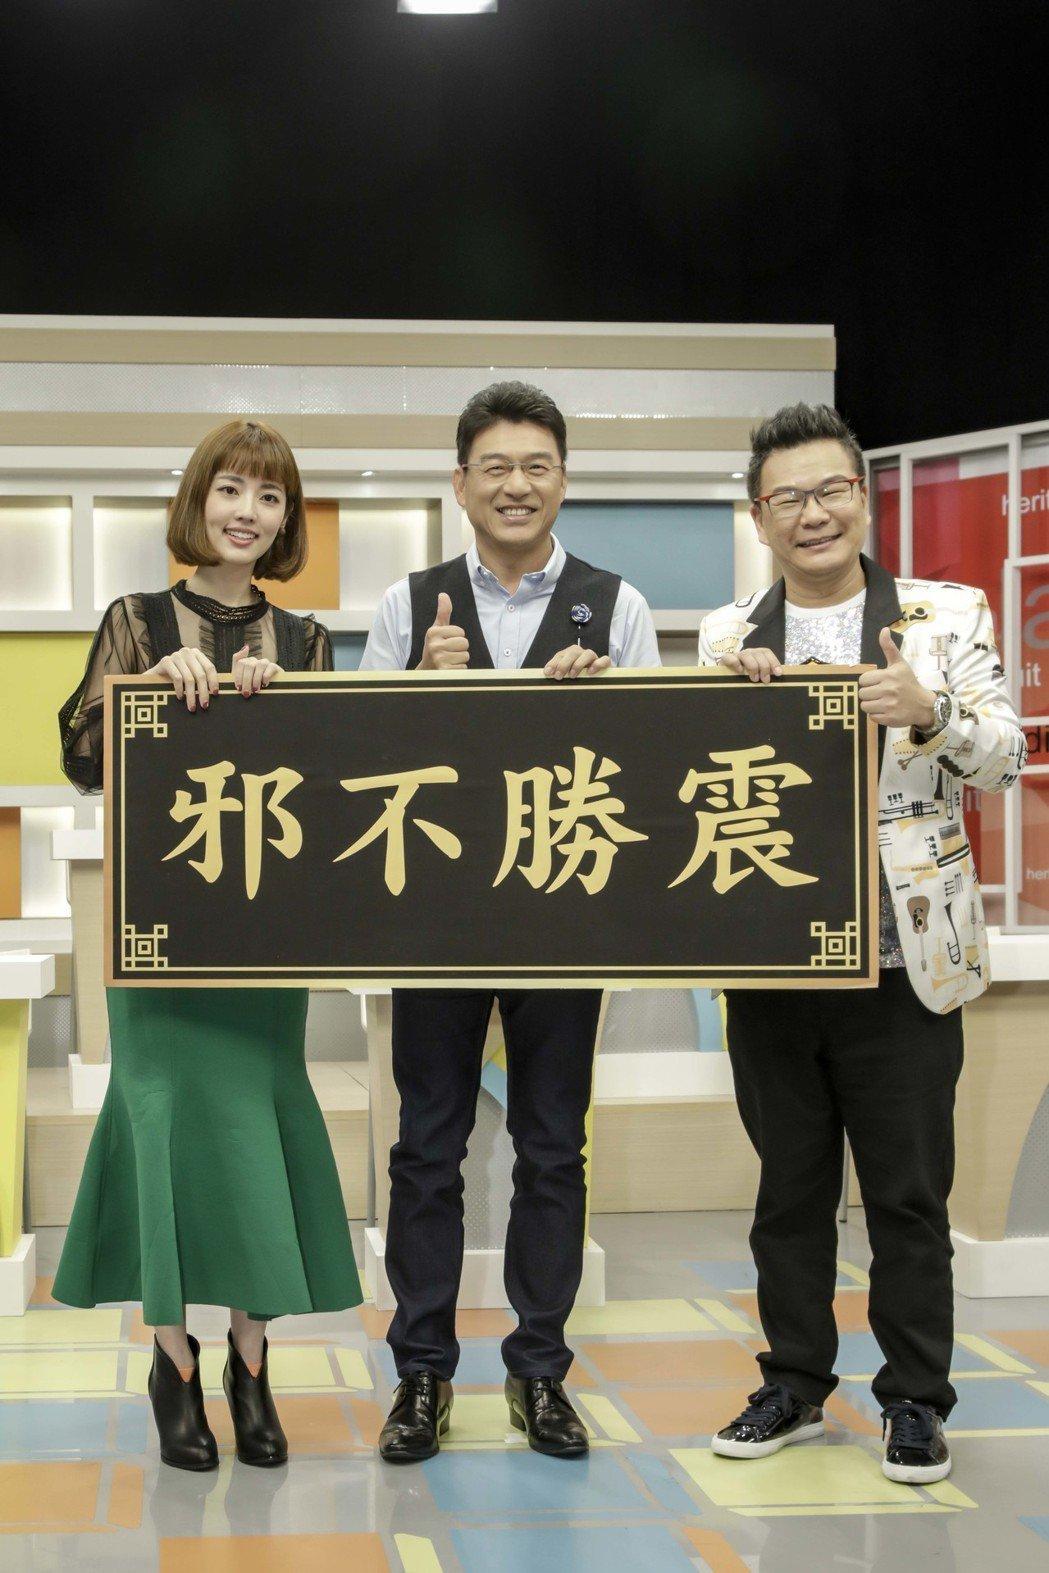 謝震武(中)開新節目「震震有詞」,阿諾(左)、沈玉琳來站台。圖/高點提供